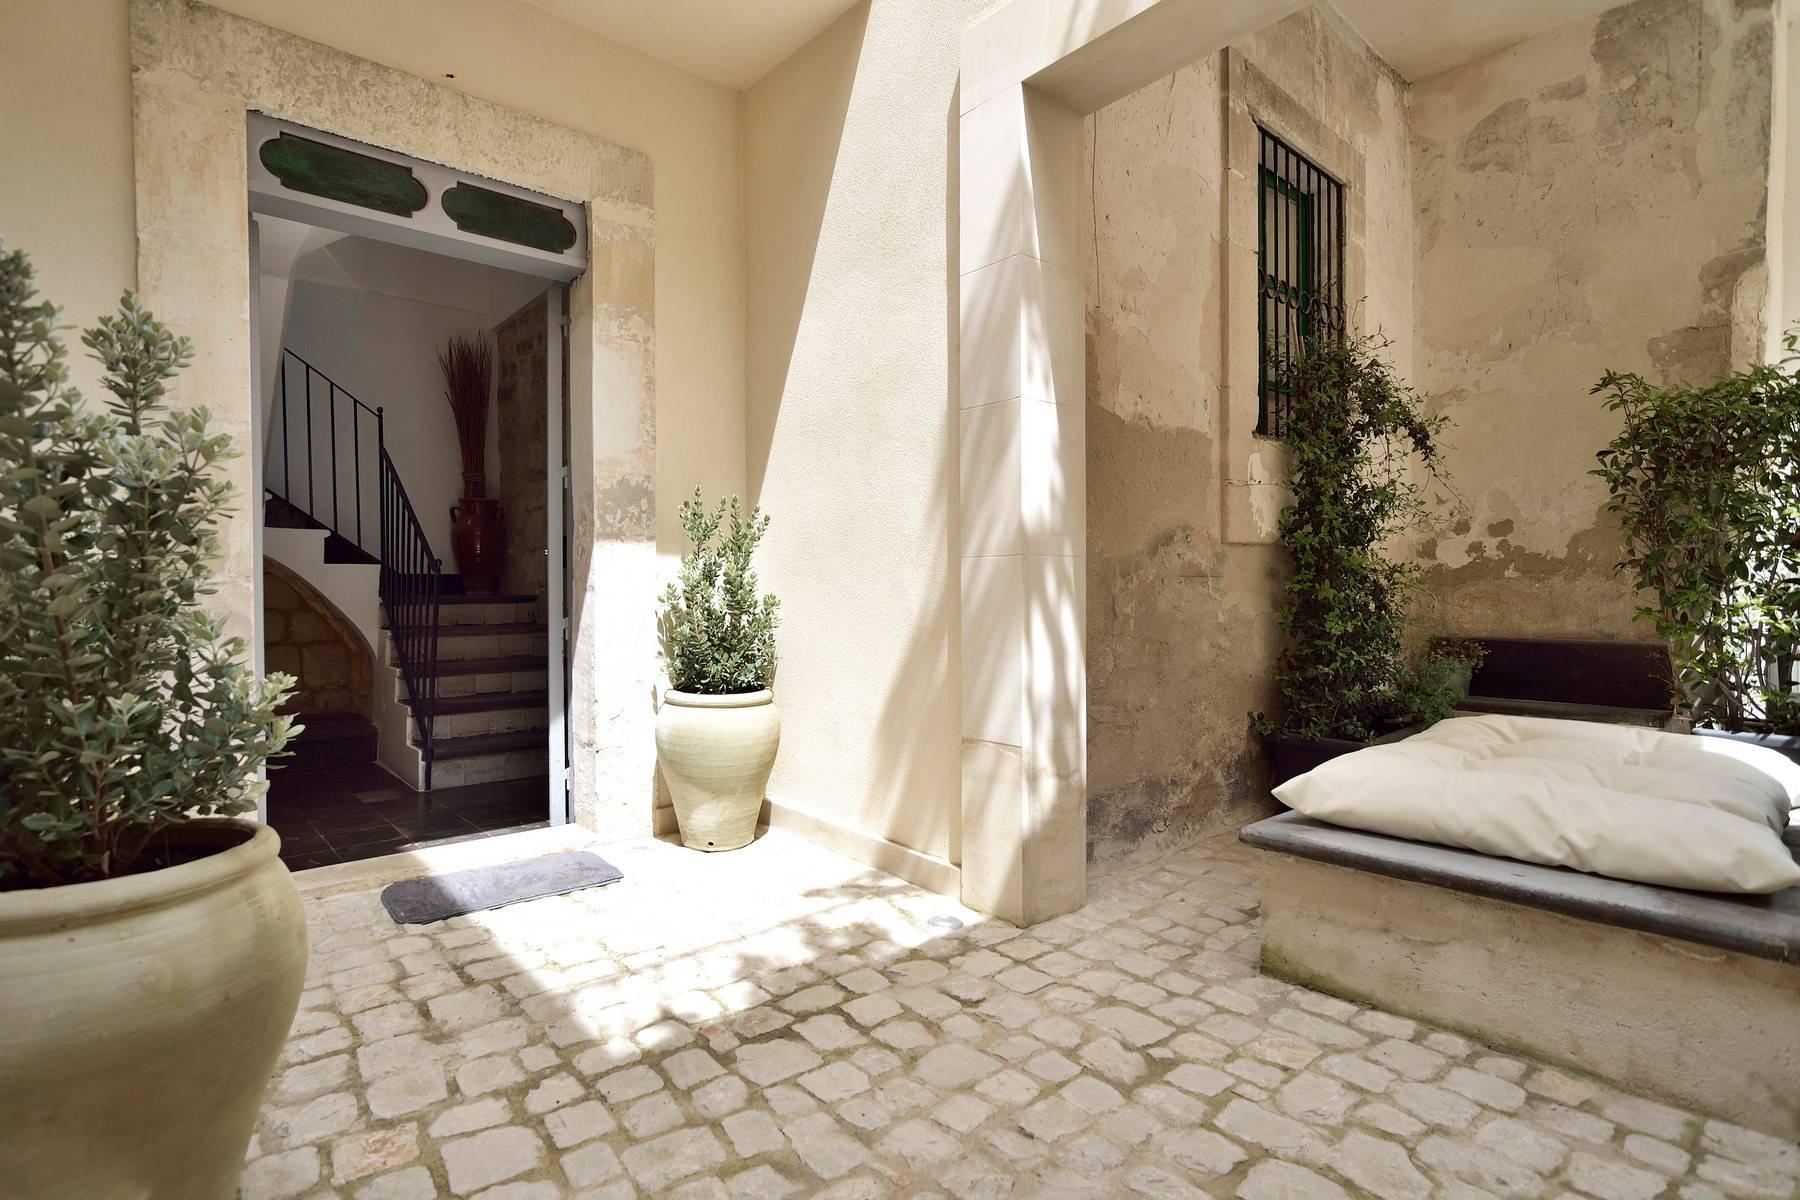 Casa indipendente in Vendita a Modica: 5 locali, 185 mq - Foto 27